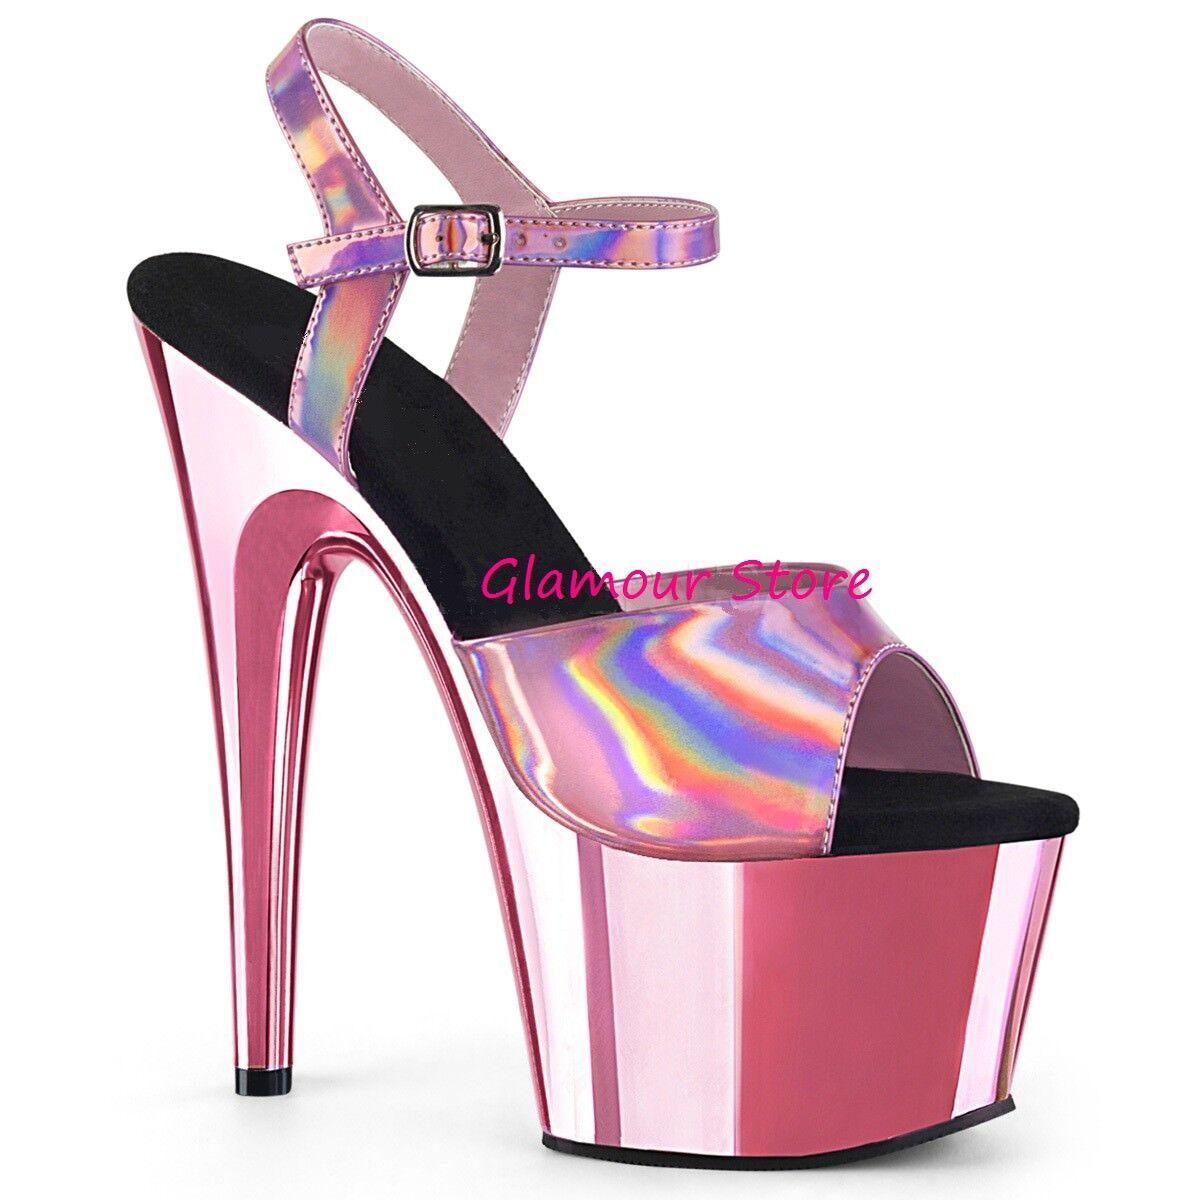 Sexy SANDALI tacco 18 da 35 al 42 ROSA BABY cromato plateau scarpe GLAMOUR club